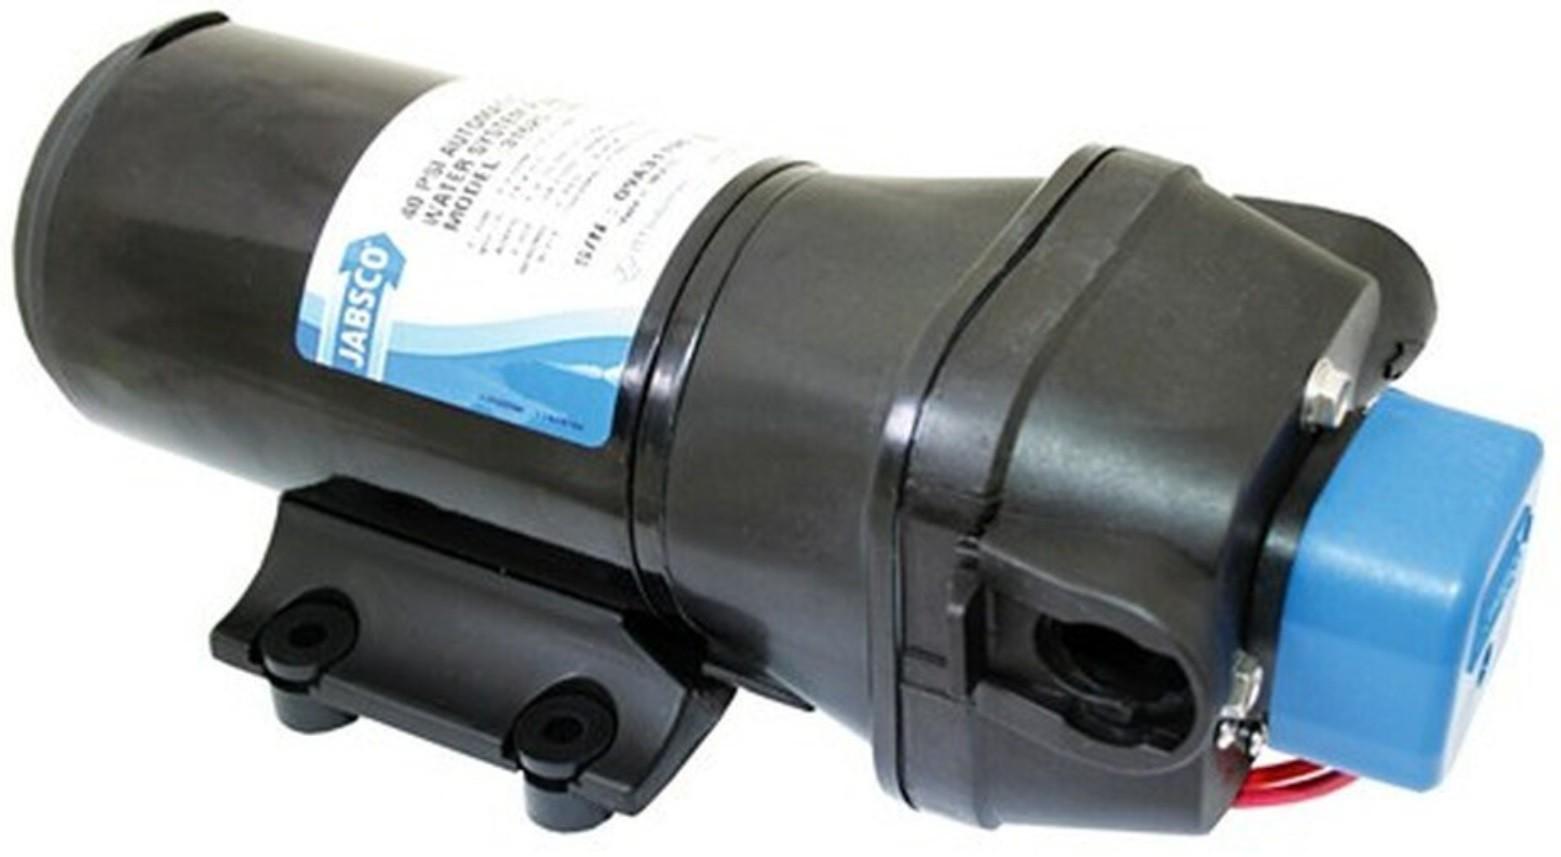 Bomba de Pressurização Automática Jabsco PAR-Max 4.3 GPM 12V 40 PSI para Barcos e Lanchas